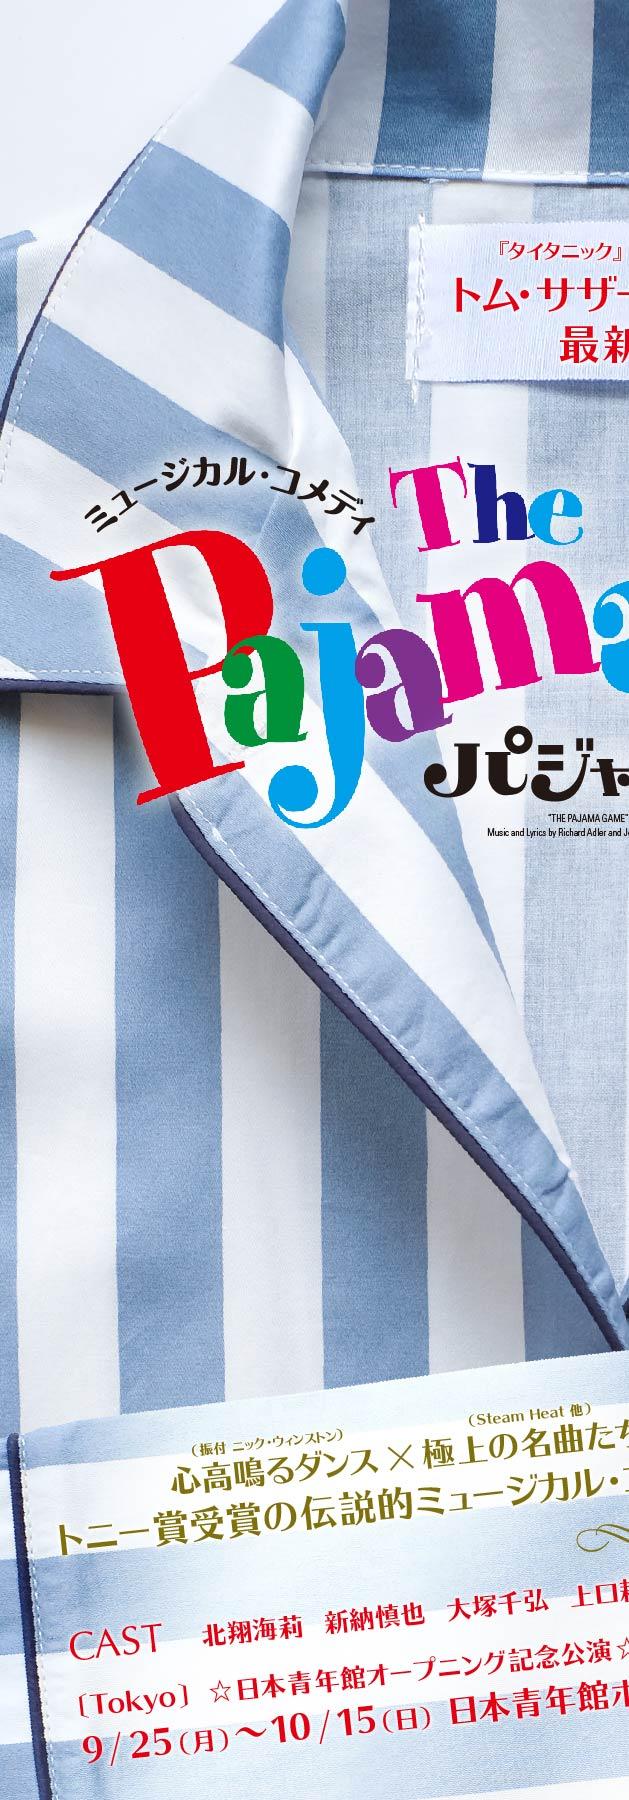 ミュージカル・コメディ『パジャマゲーム』 / THE PAJAMA GAME